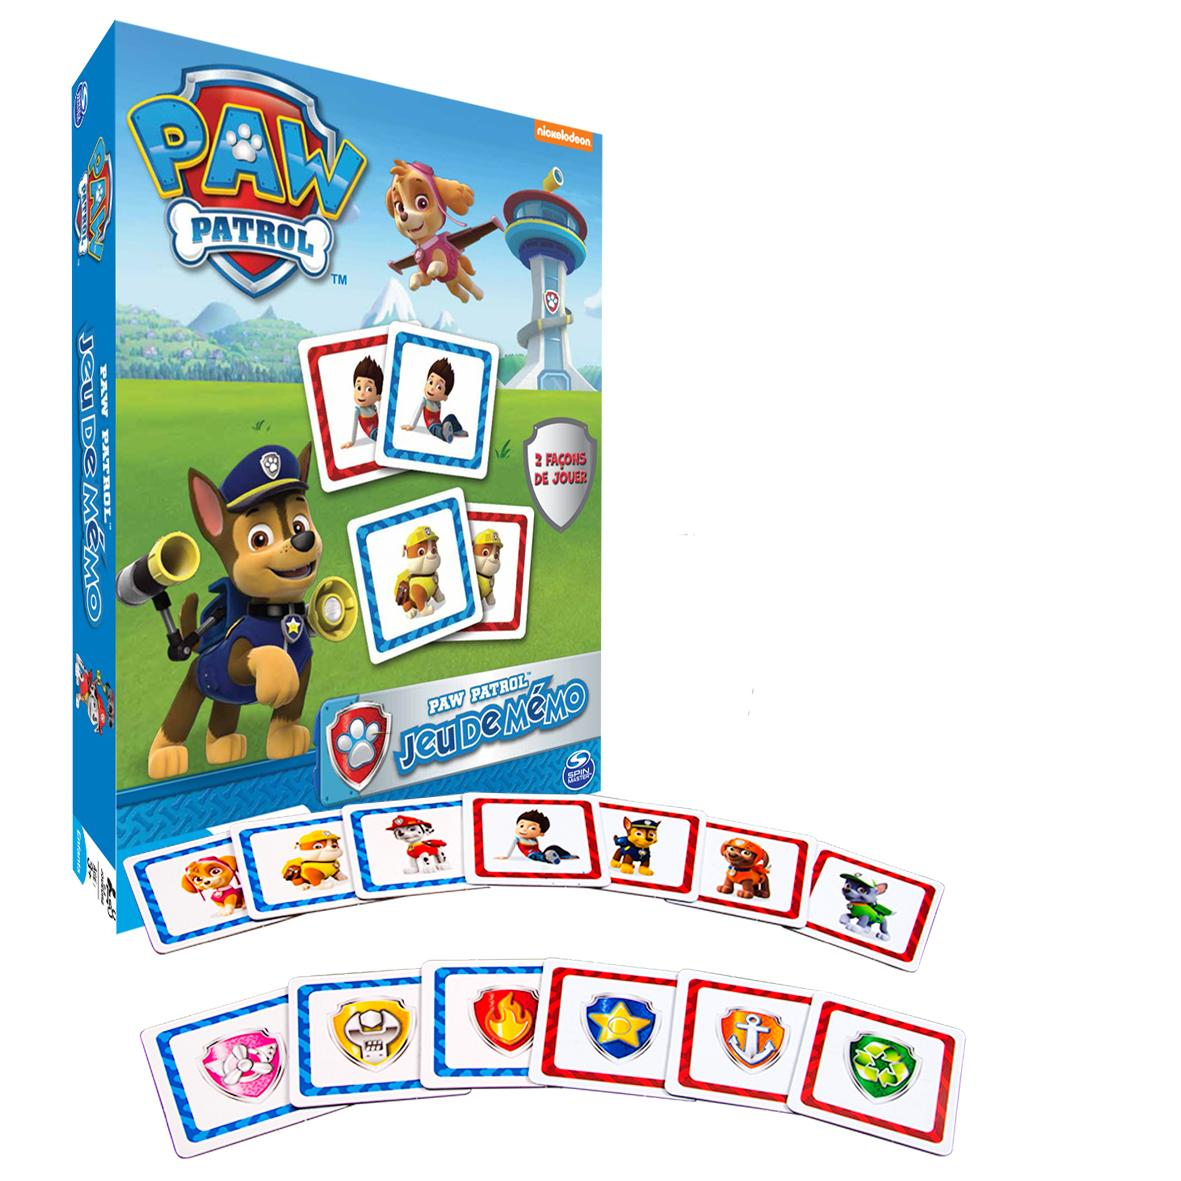 paw patrol 6026134 memo la pat patrouille fr jeux et jouets